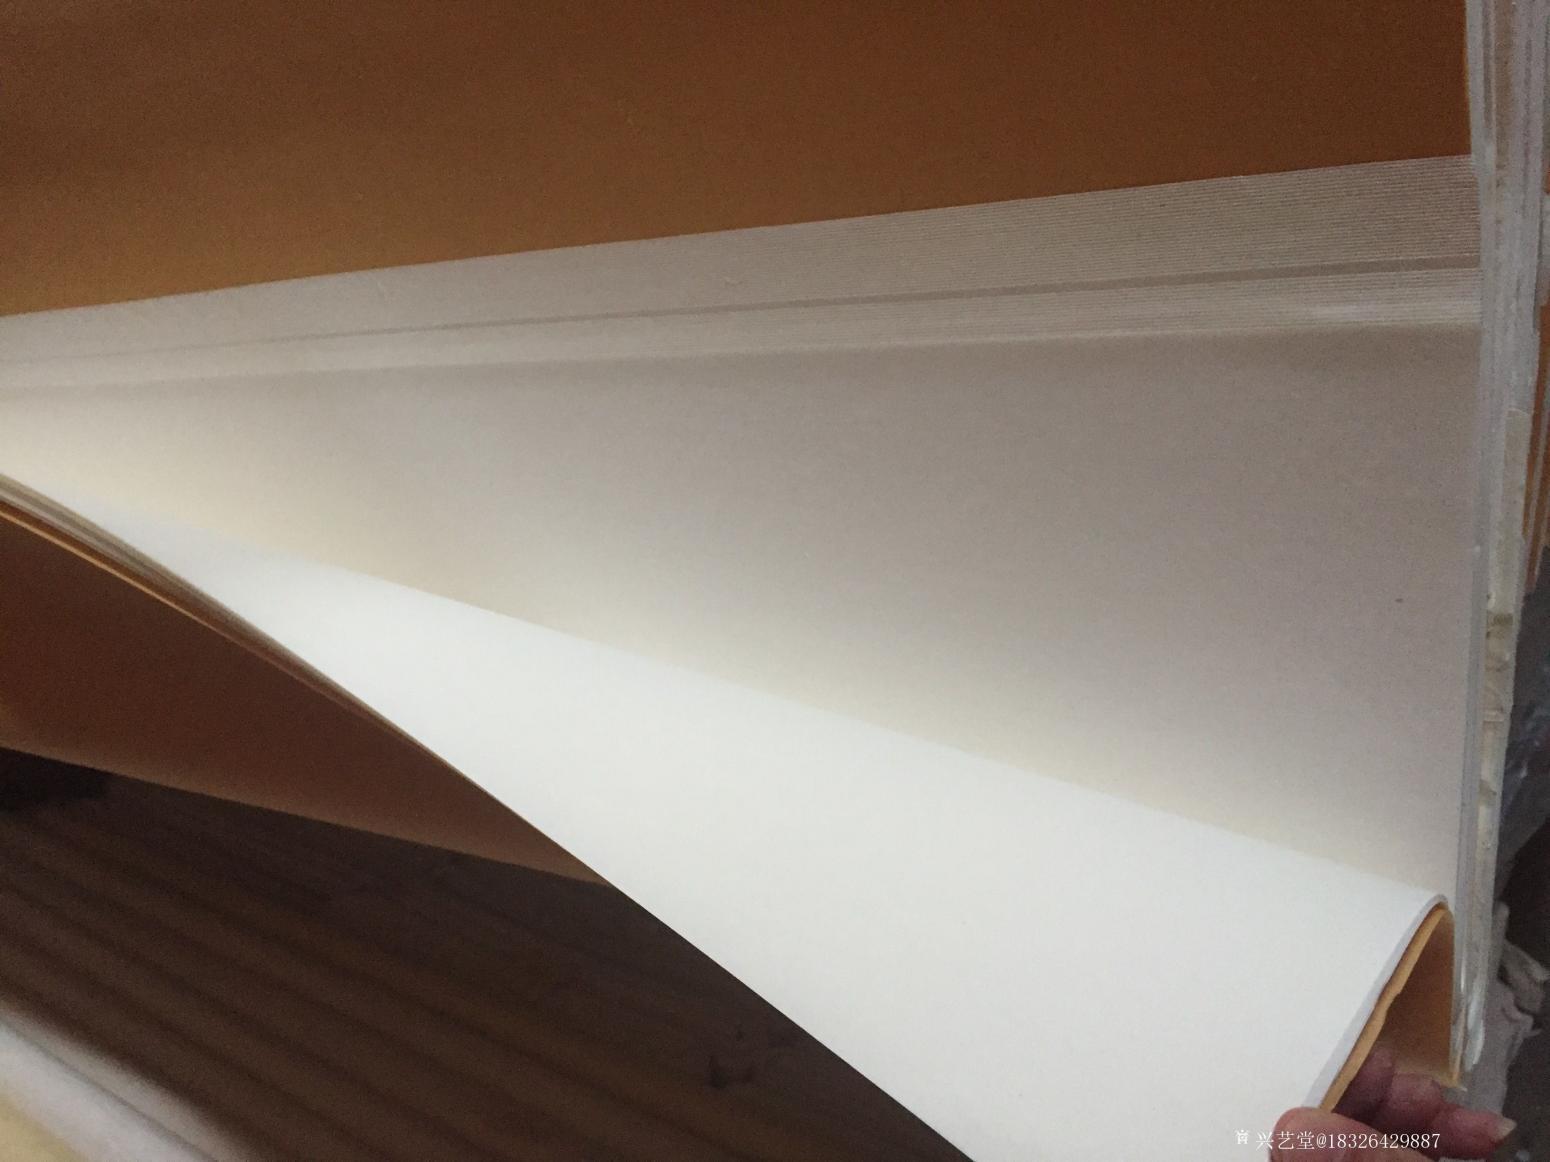 18326429887手工作品《八尺檀皮宣》【图3】